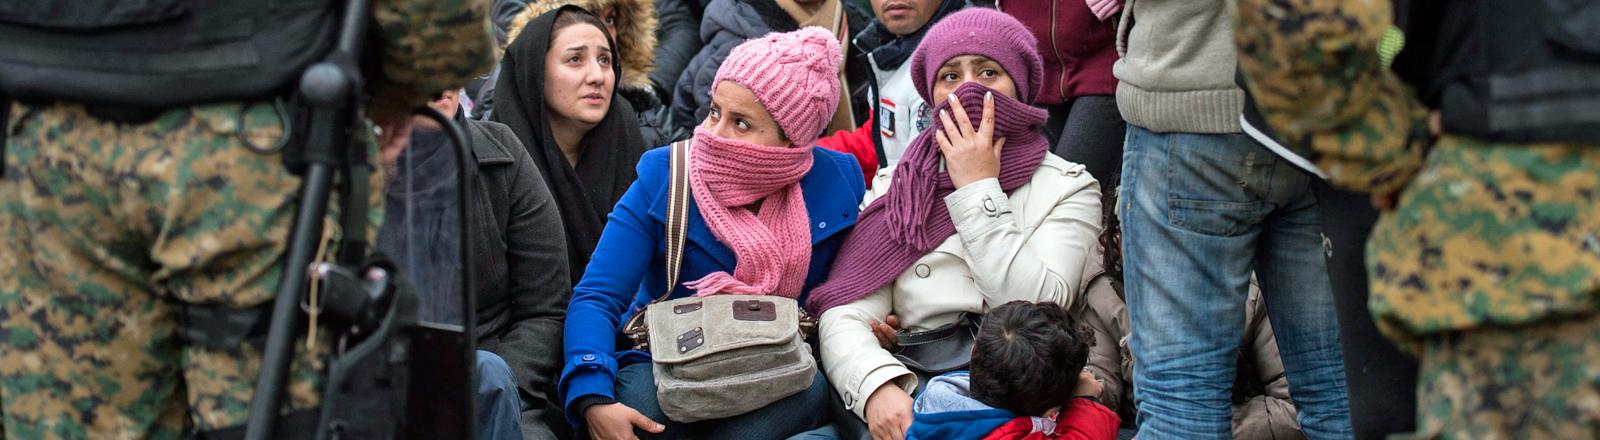 Flüchtlinge hängen an der Grenze zu Mazedonien fest.